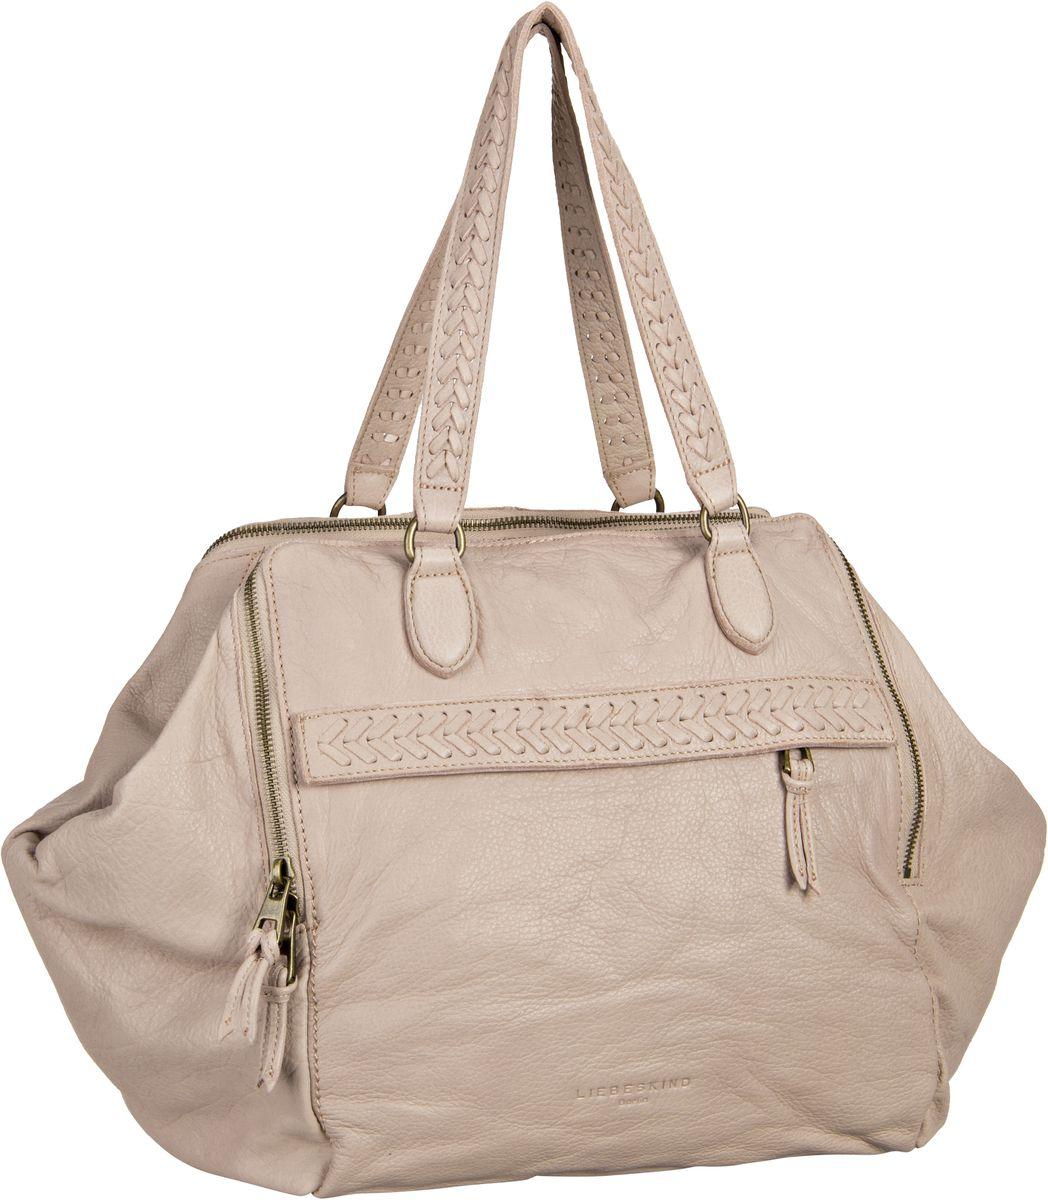 Liebeskind Bata Vintage Beuteltasche / Hobo Bag Leder